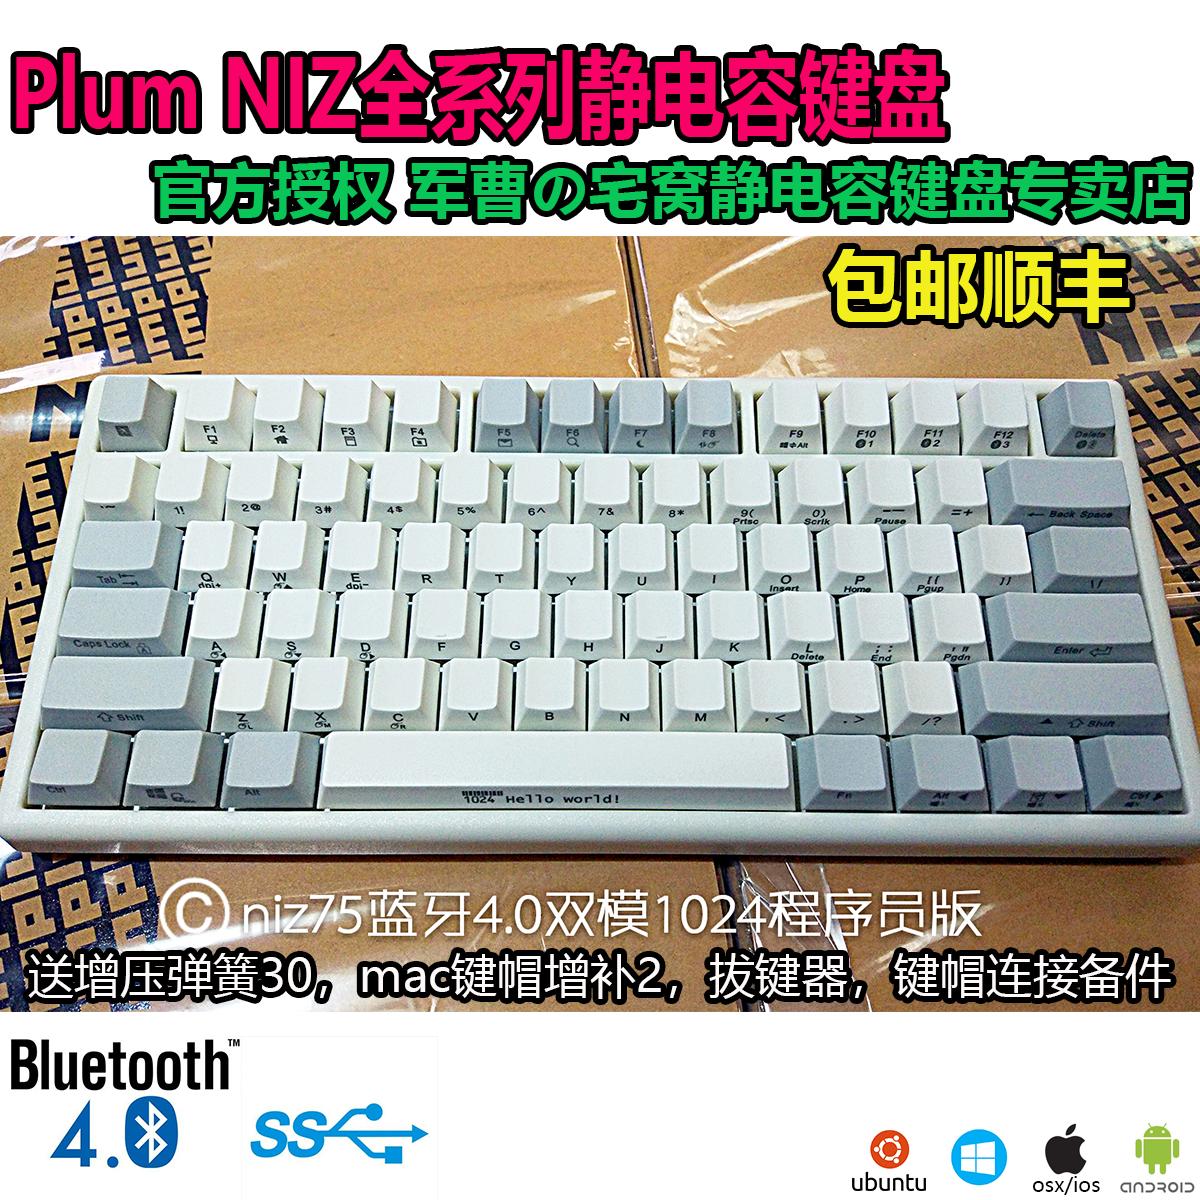 plum niz 66/75/84/87/108 蓝牙 4.0 双模 rgb 静电容键盘 包顺丰